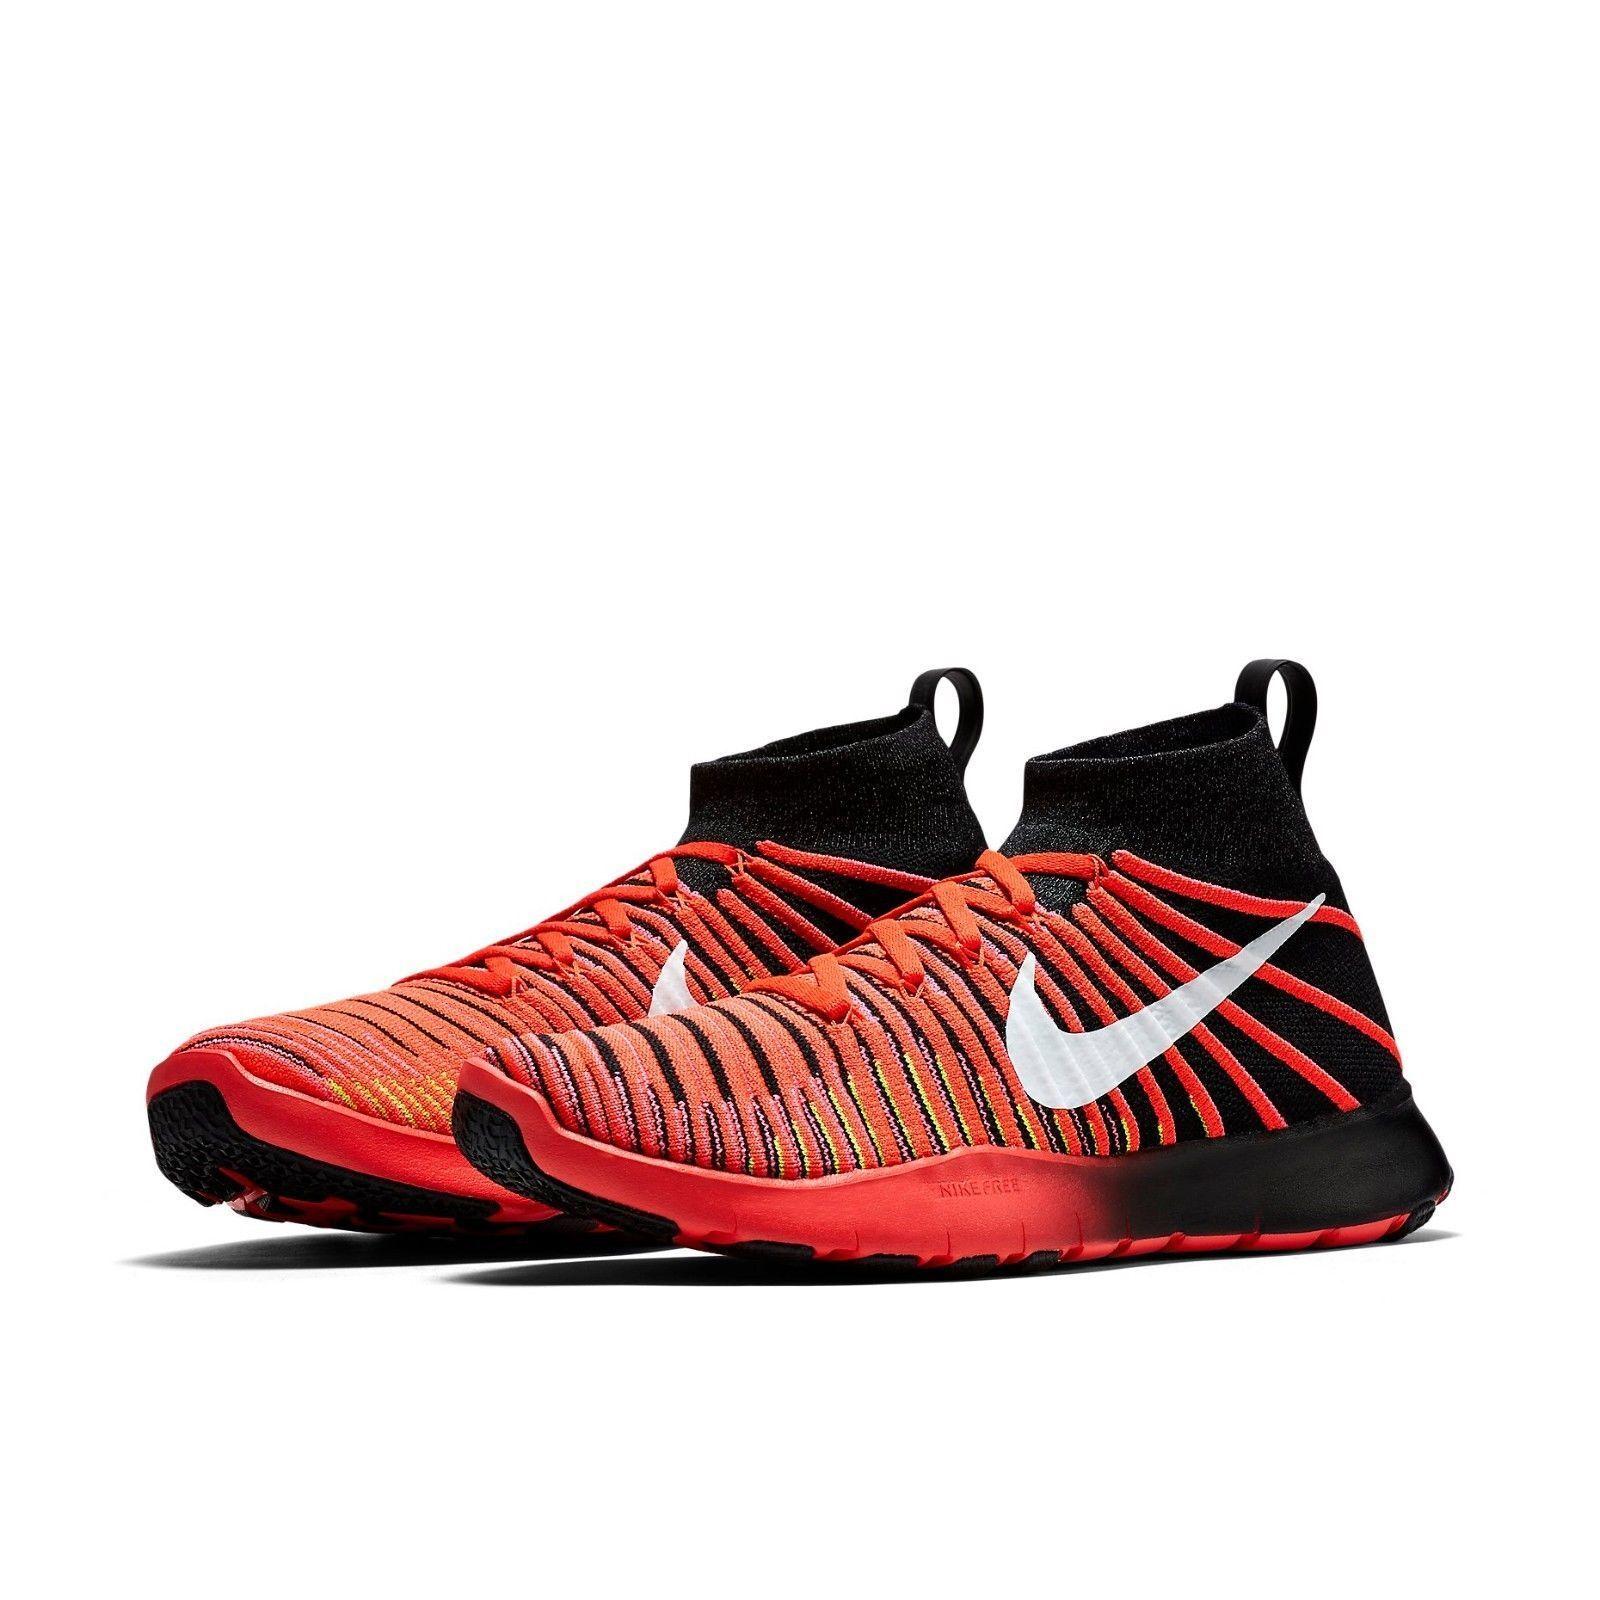 Nike Men's Free Train Force Flyknit 833275 833275 833275 001 Size 11.5  (29.5 cm) 021ddc